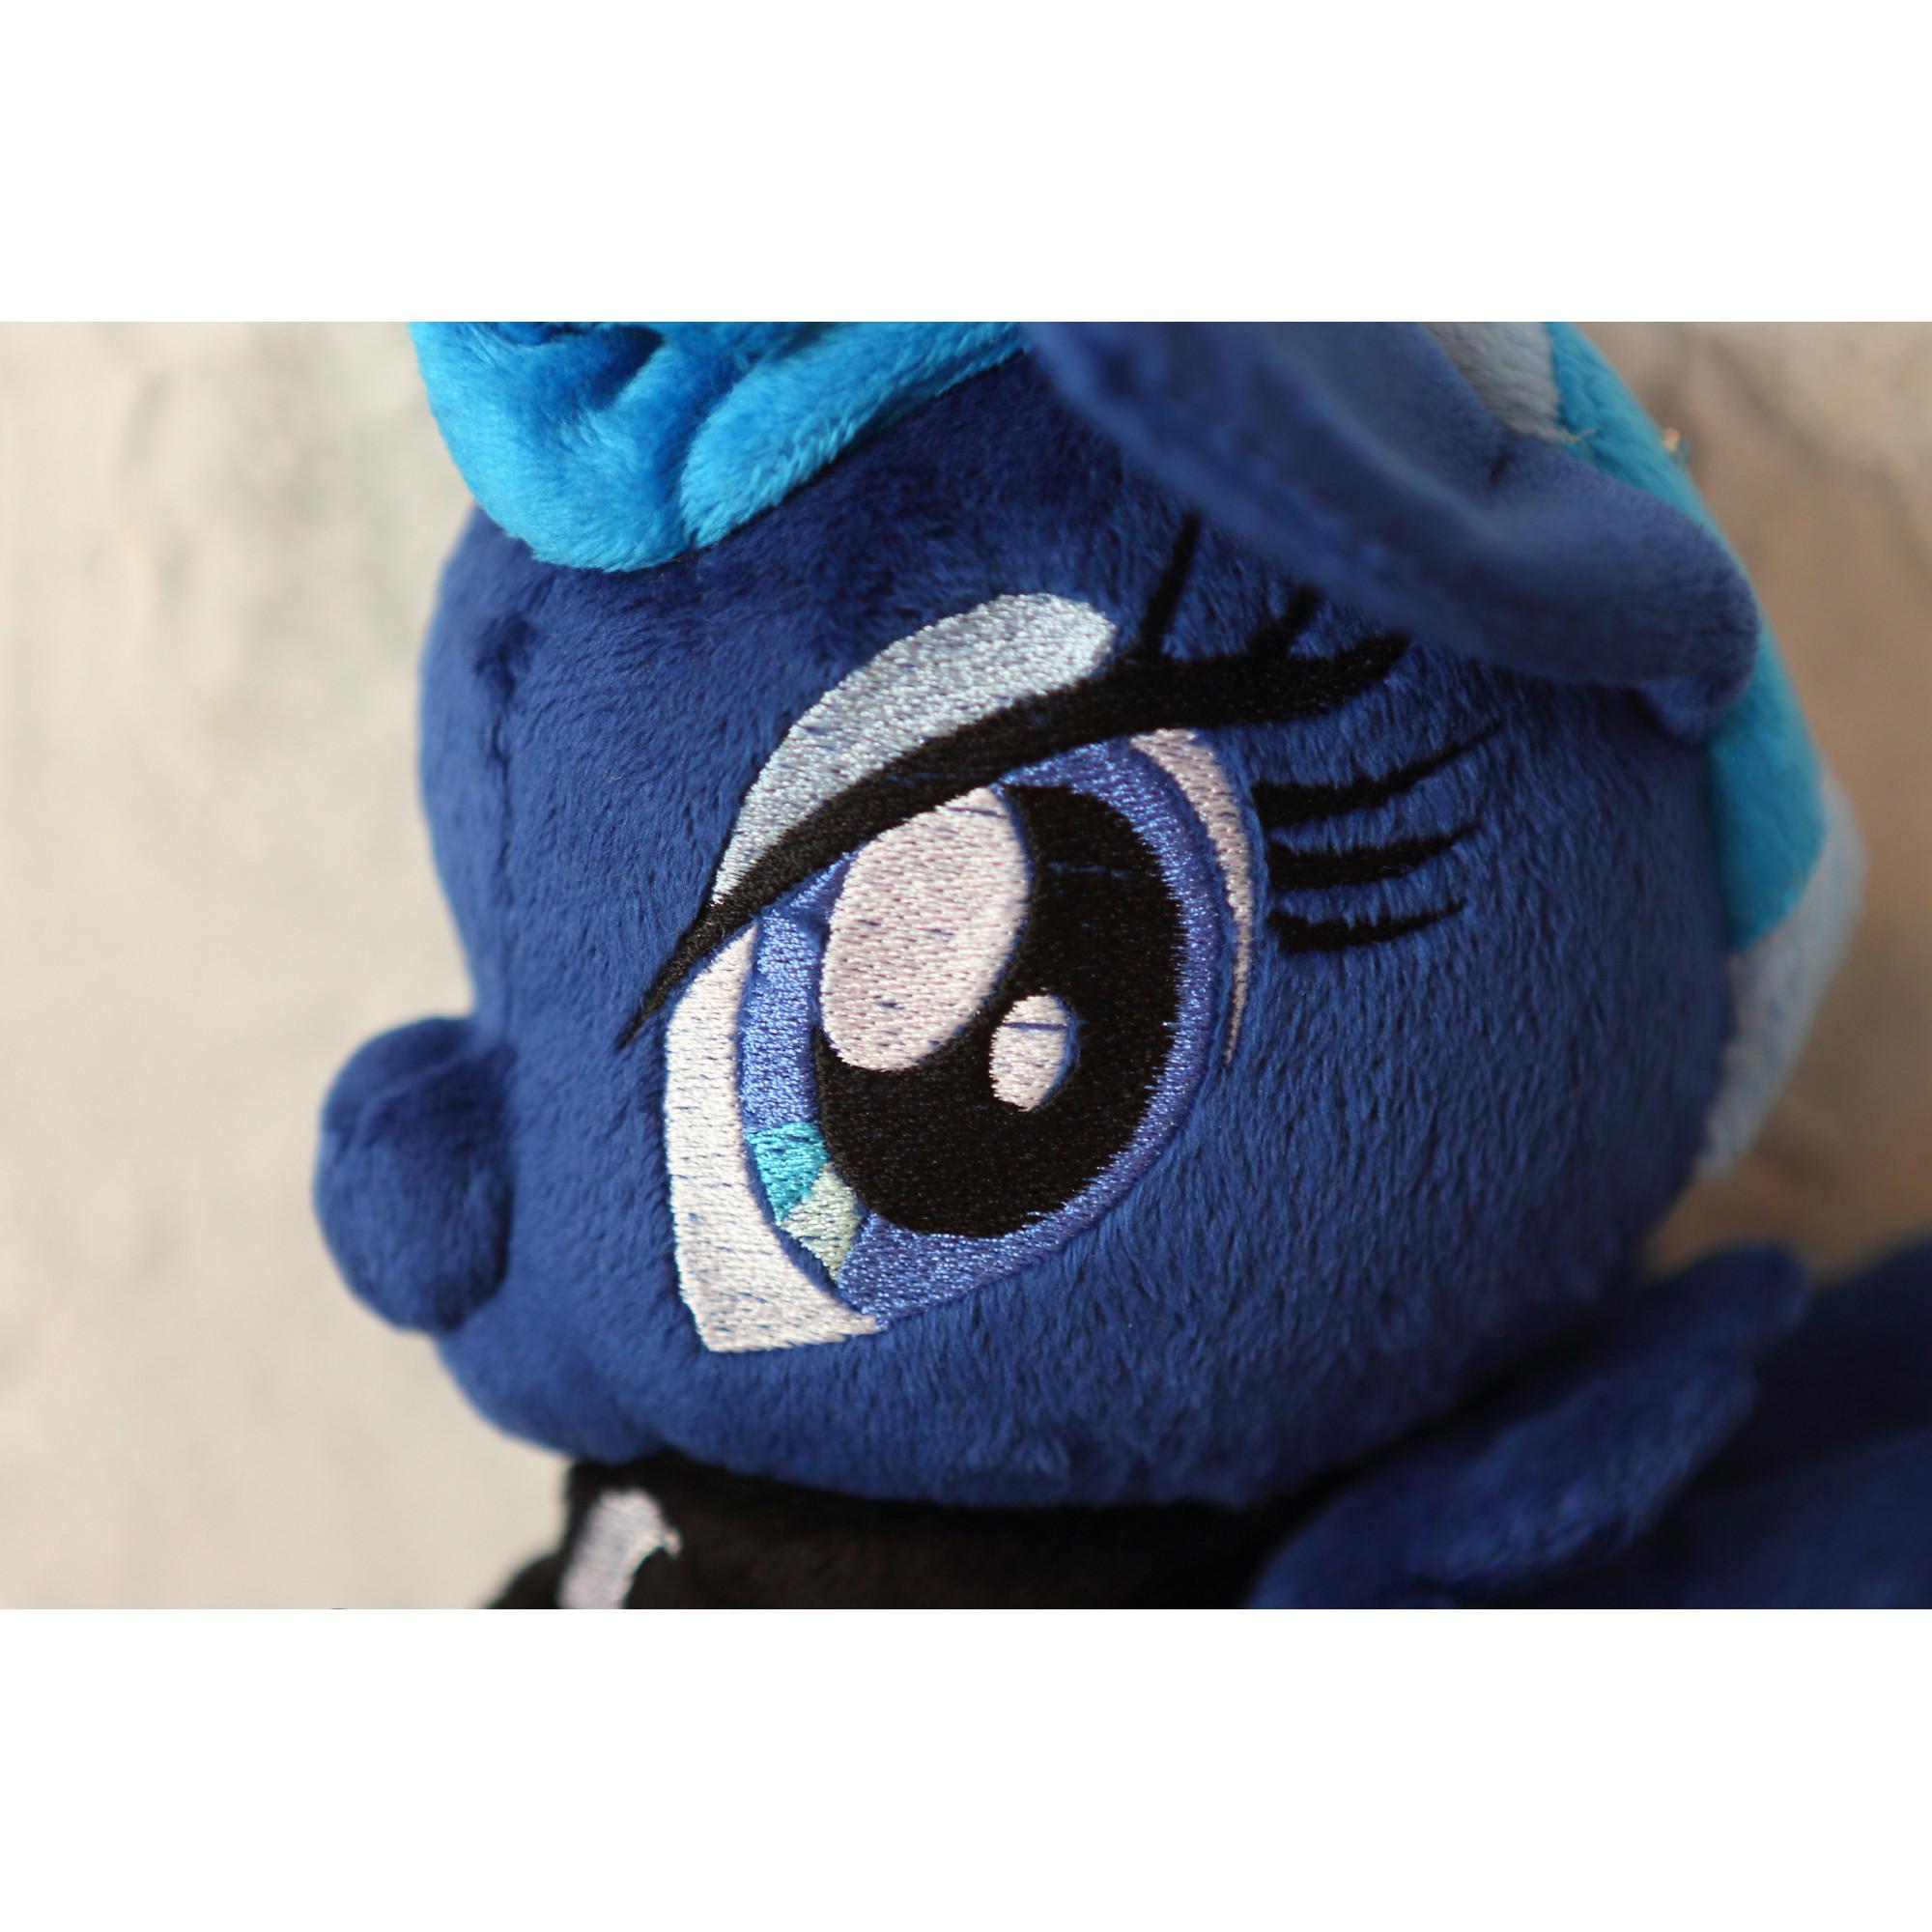 Pony Handmade Stuffed Toy